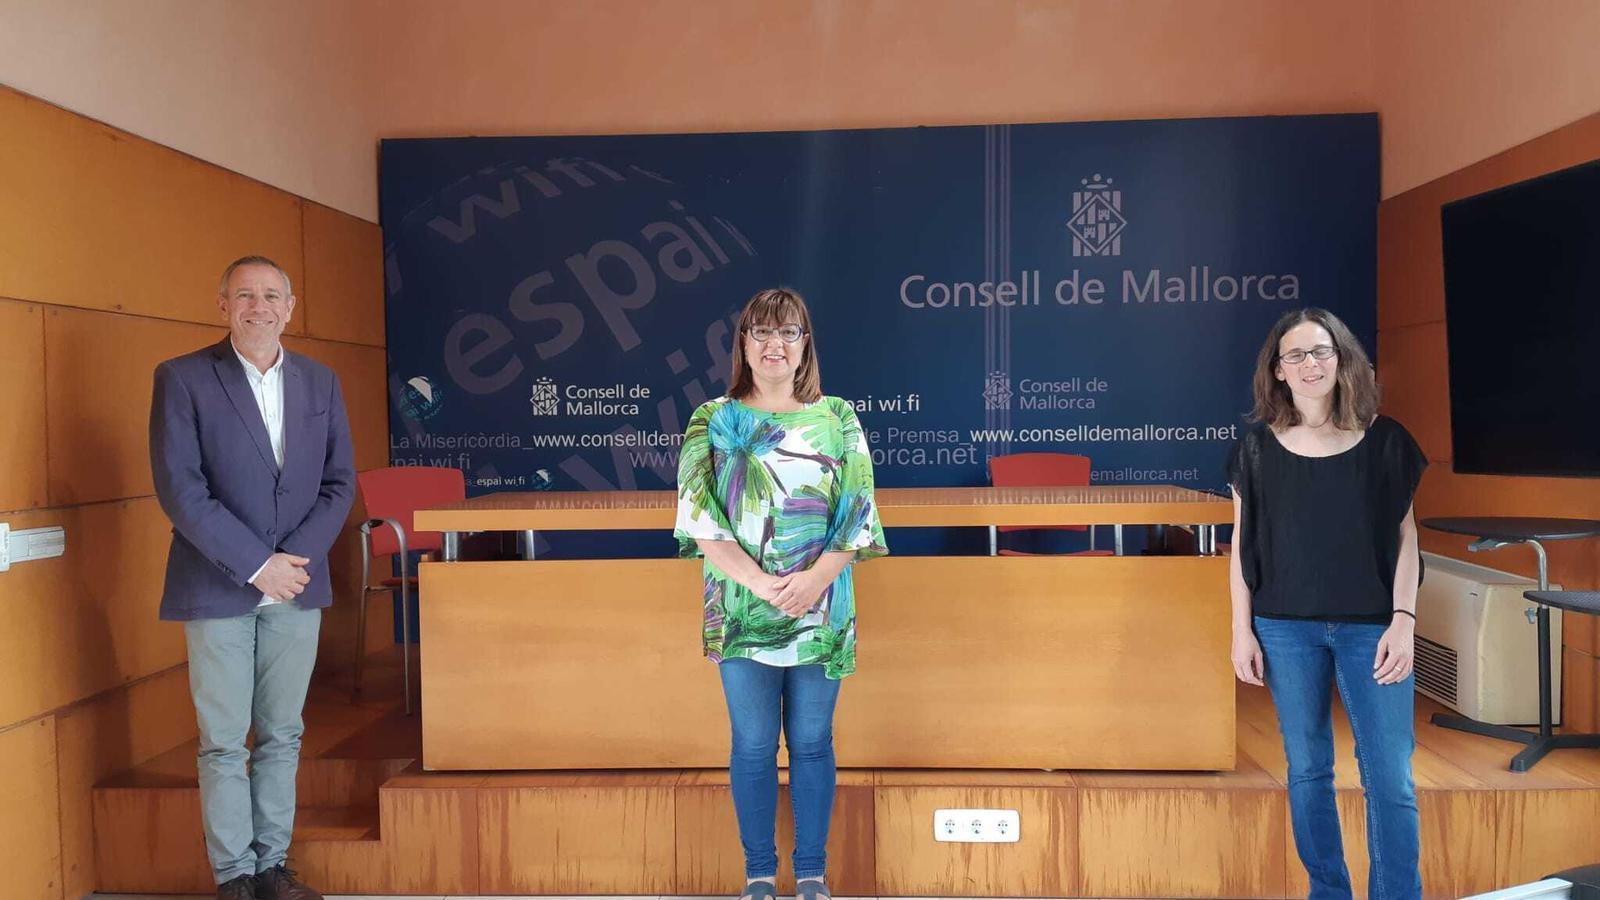 El director insular de Política Lingüística, Lluís Segura; la consellera insular de Cultura, Bel Busquets, i la directora adjunta del Teatre Principal, Marta Ferrer, en la presentació dels premis Mallorca de Creació Literària